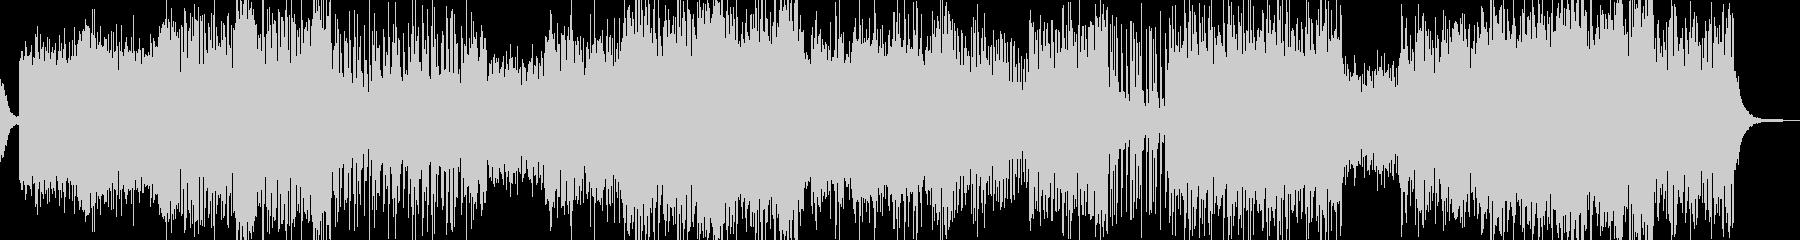 RPG・砂漠イメージのフィールドBGMの未再生の波形